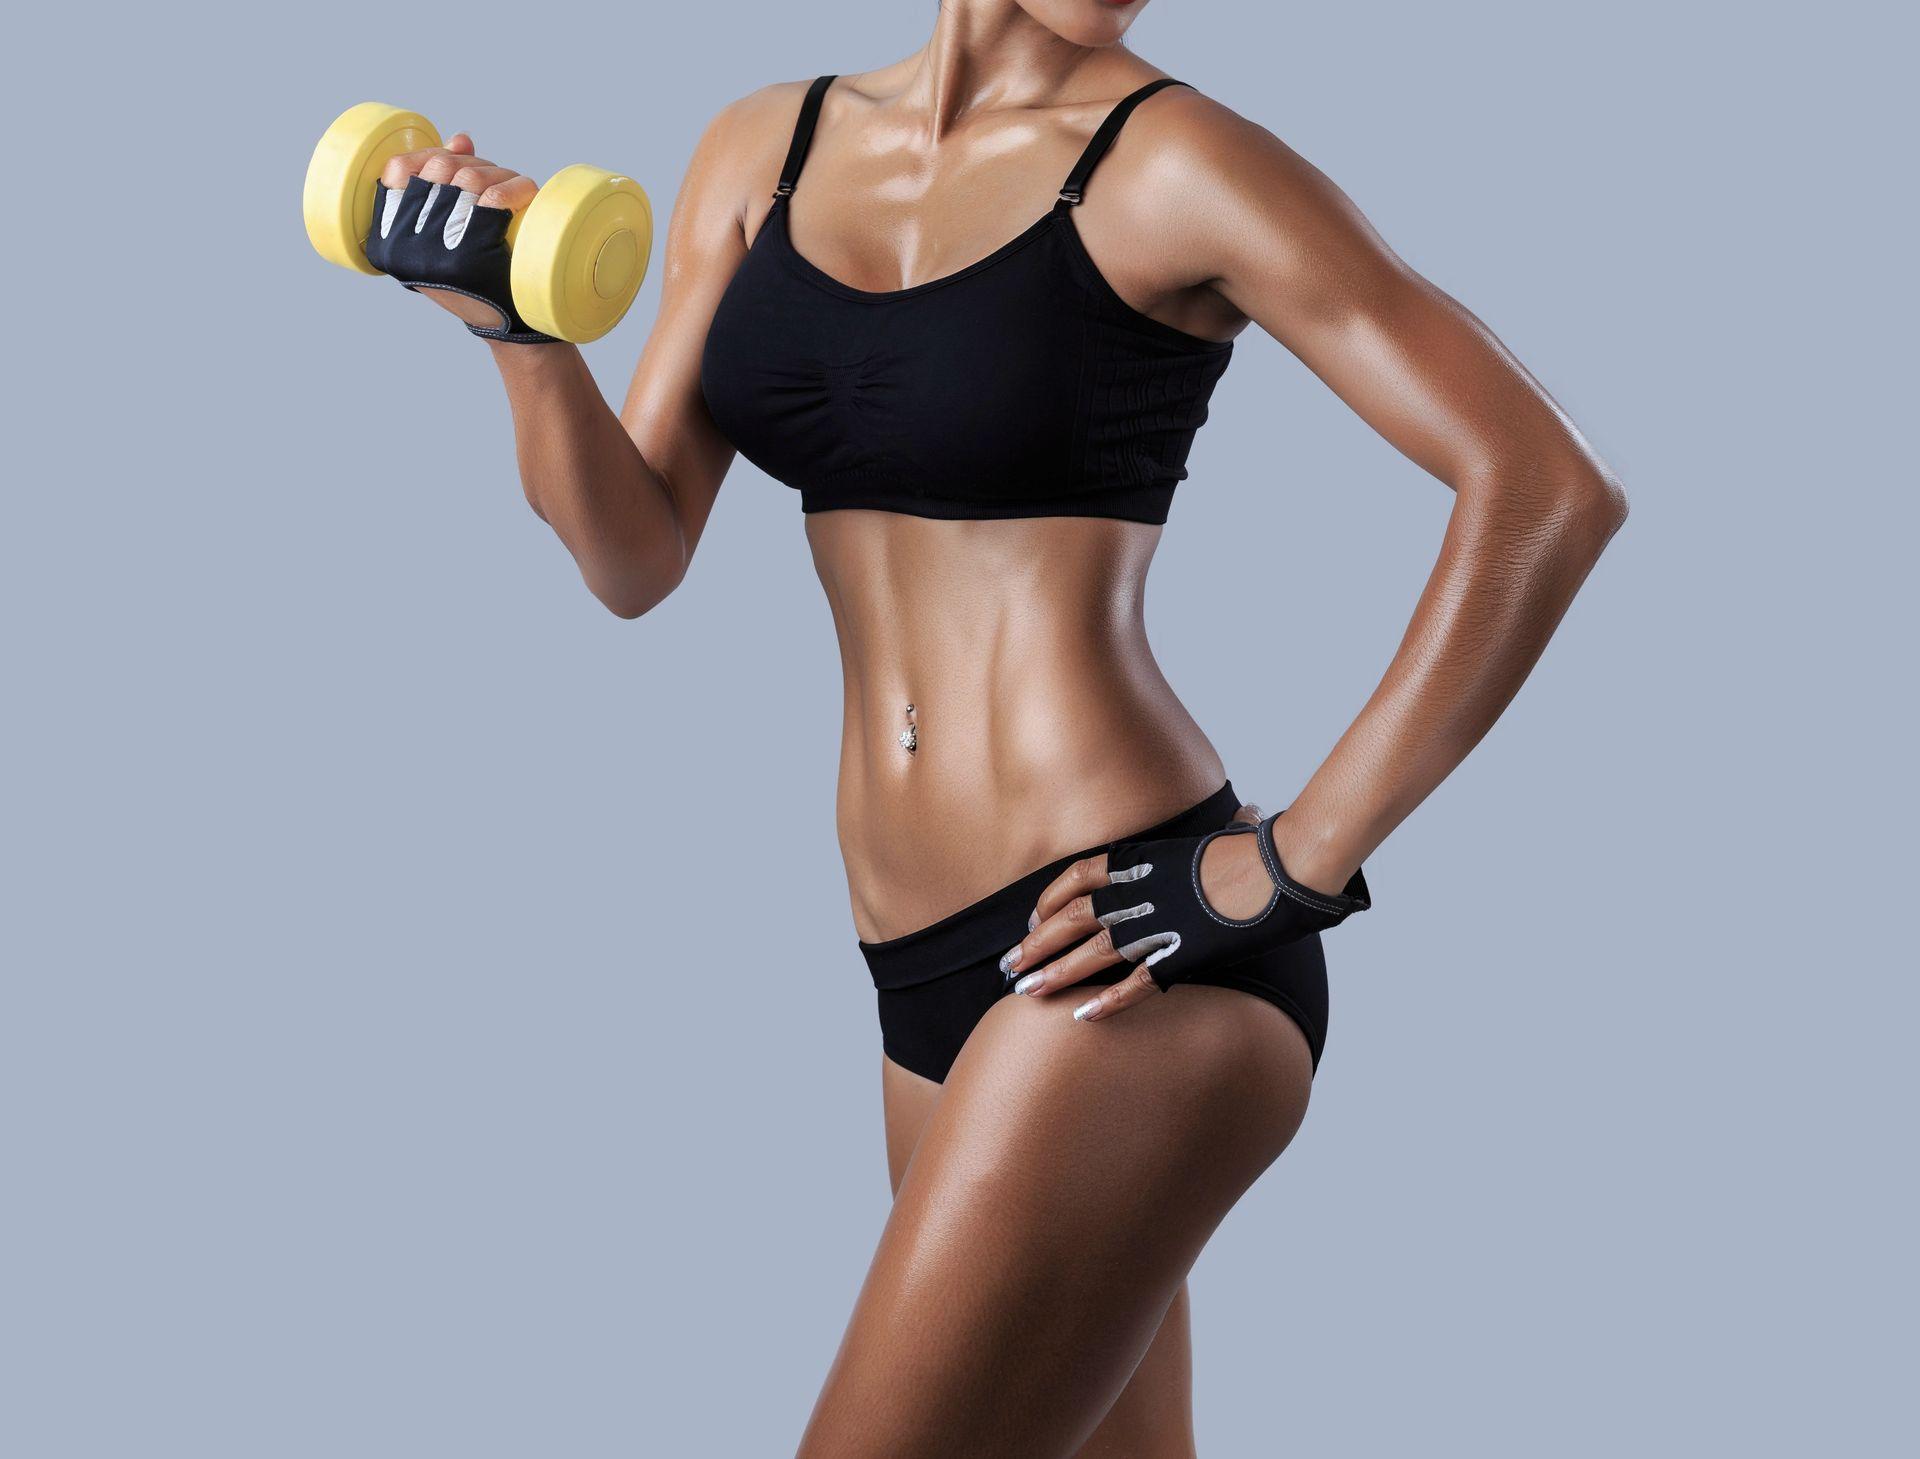 desired-body-pose-dumbbell-fitness-fitness